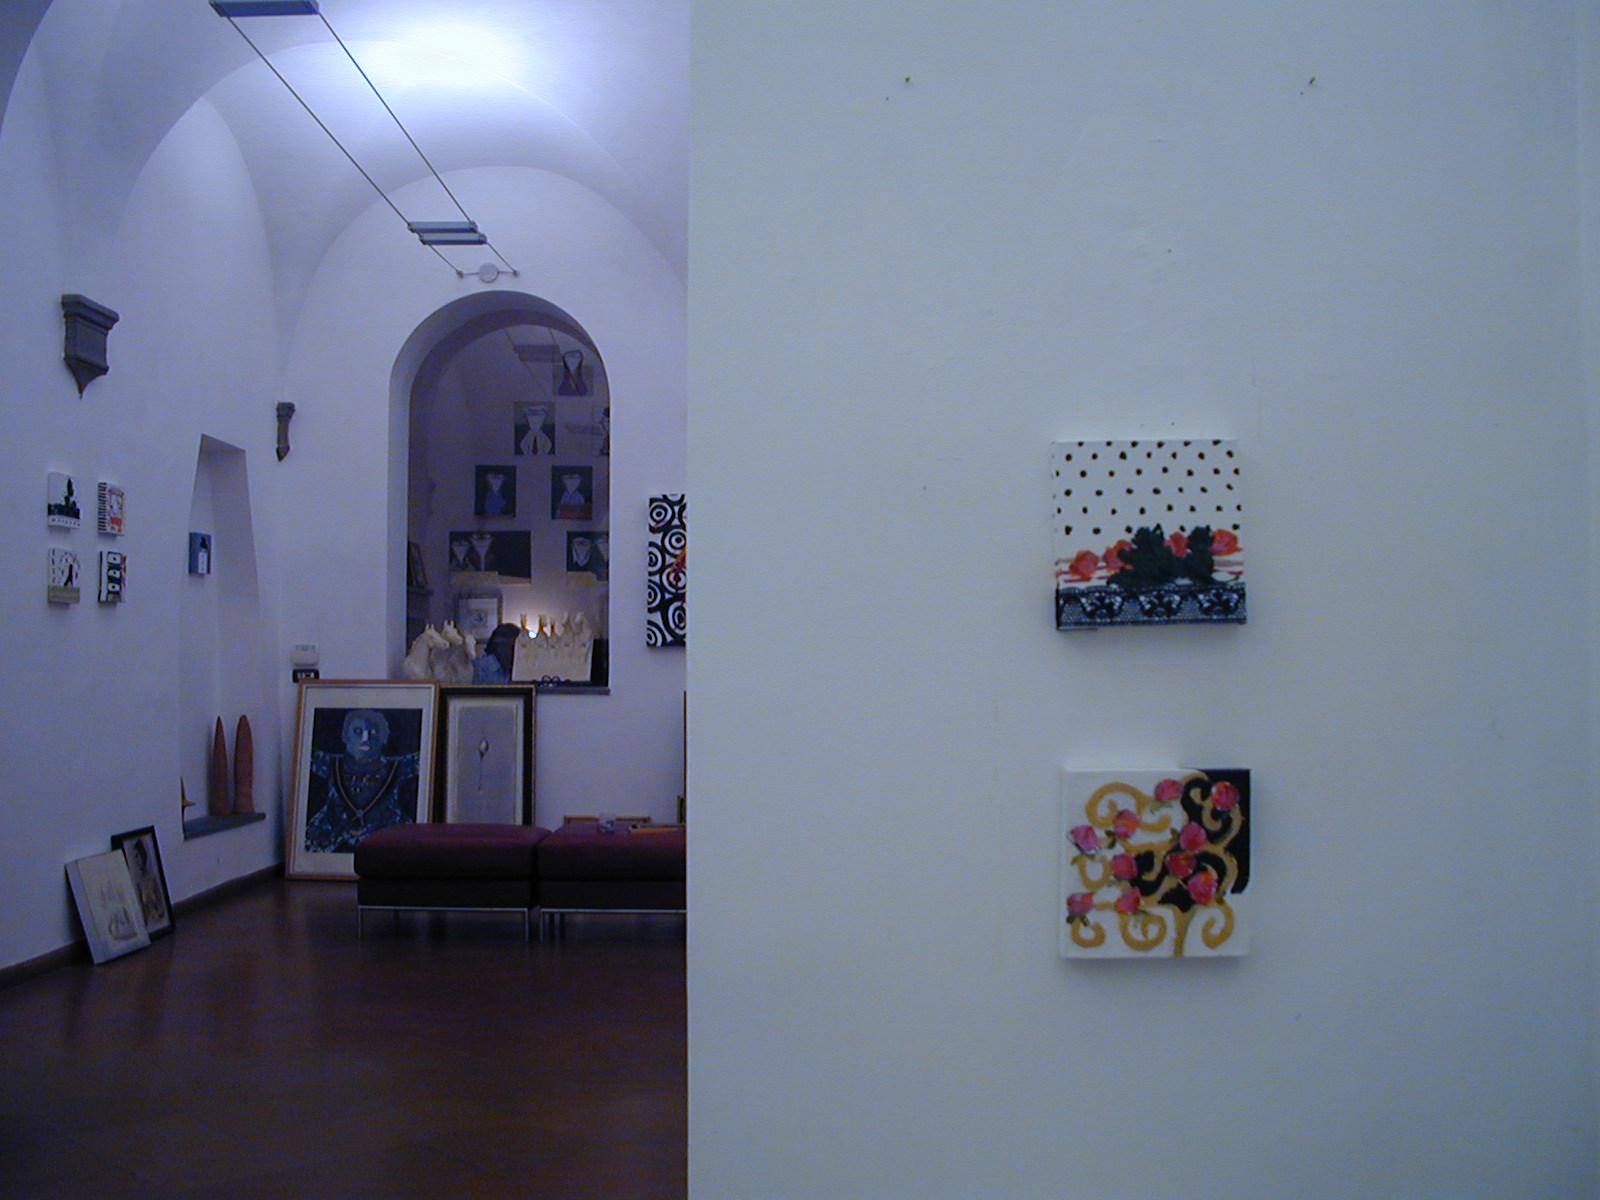 Galleria Tornabuoni